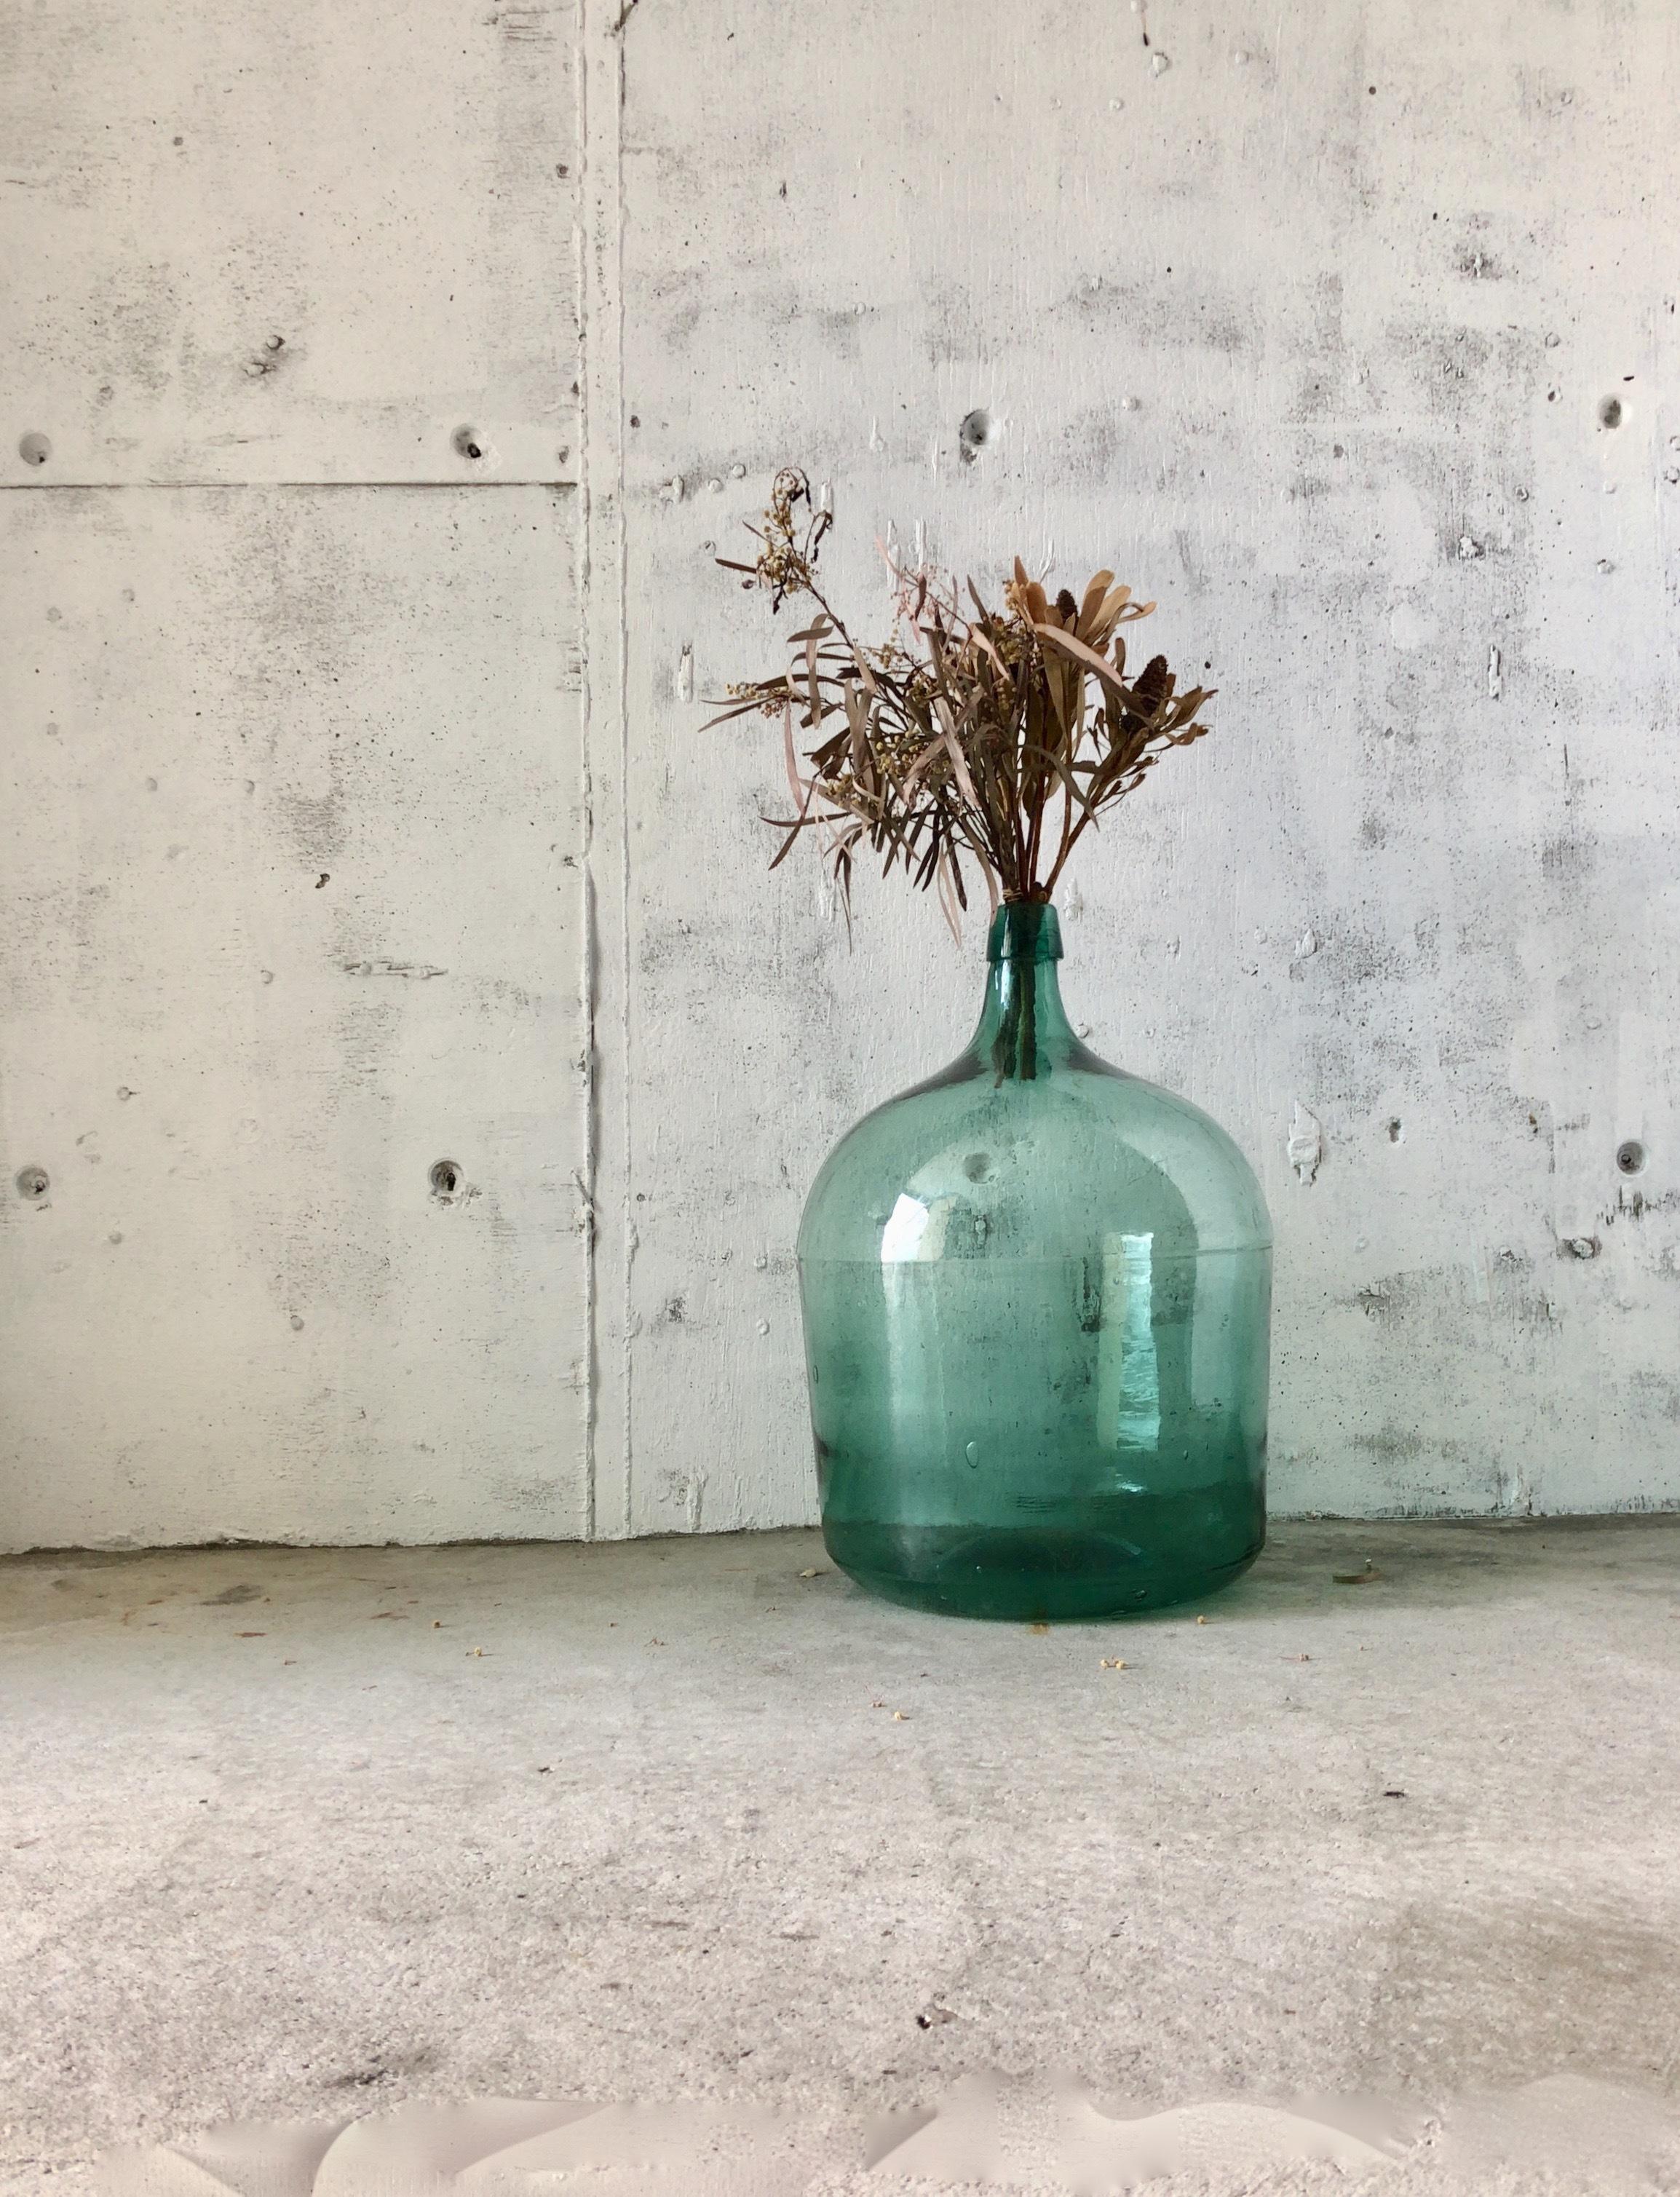 レトロなガラス瓶[古家具]